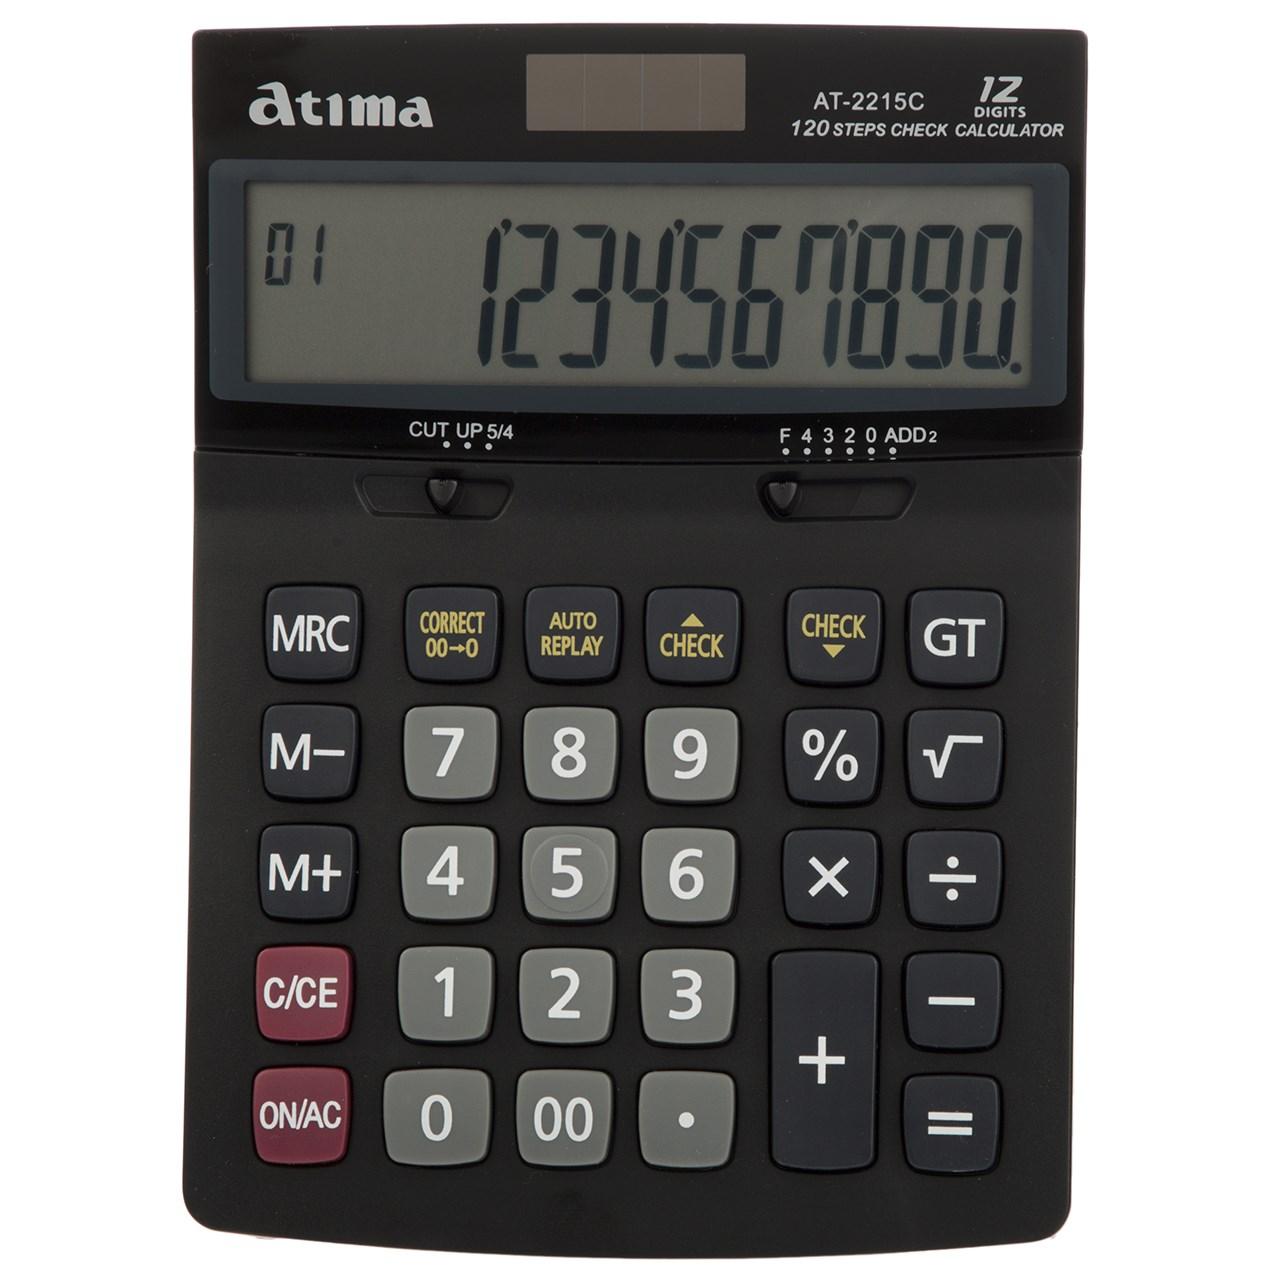 ماشین حساب آتیما مدل AT-2215C